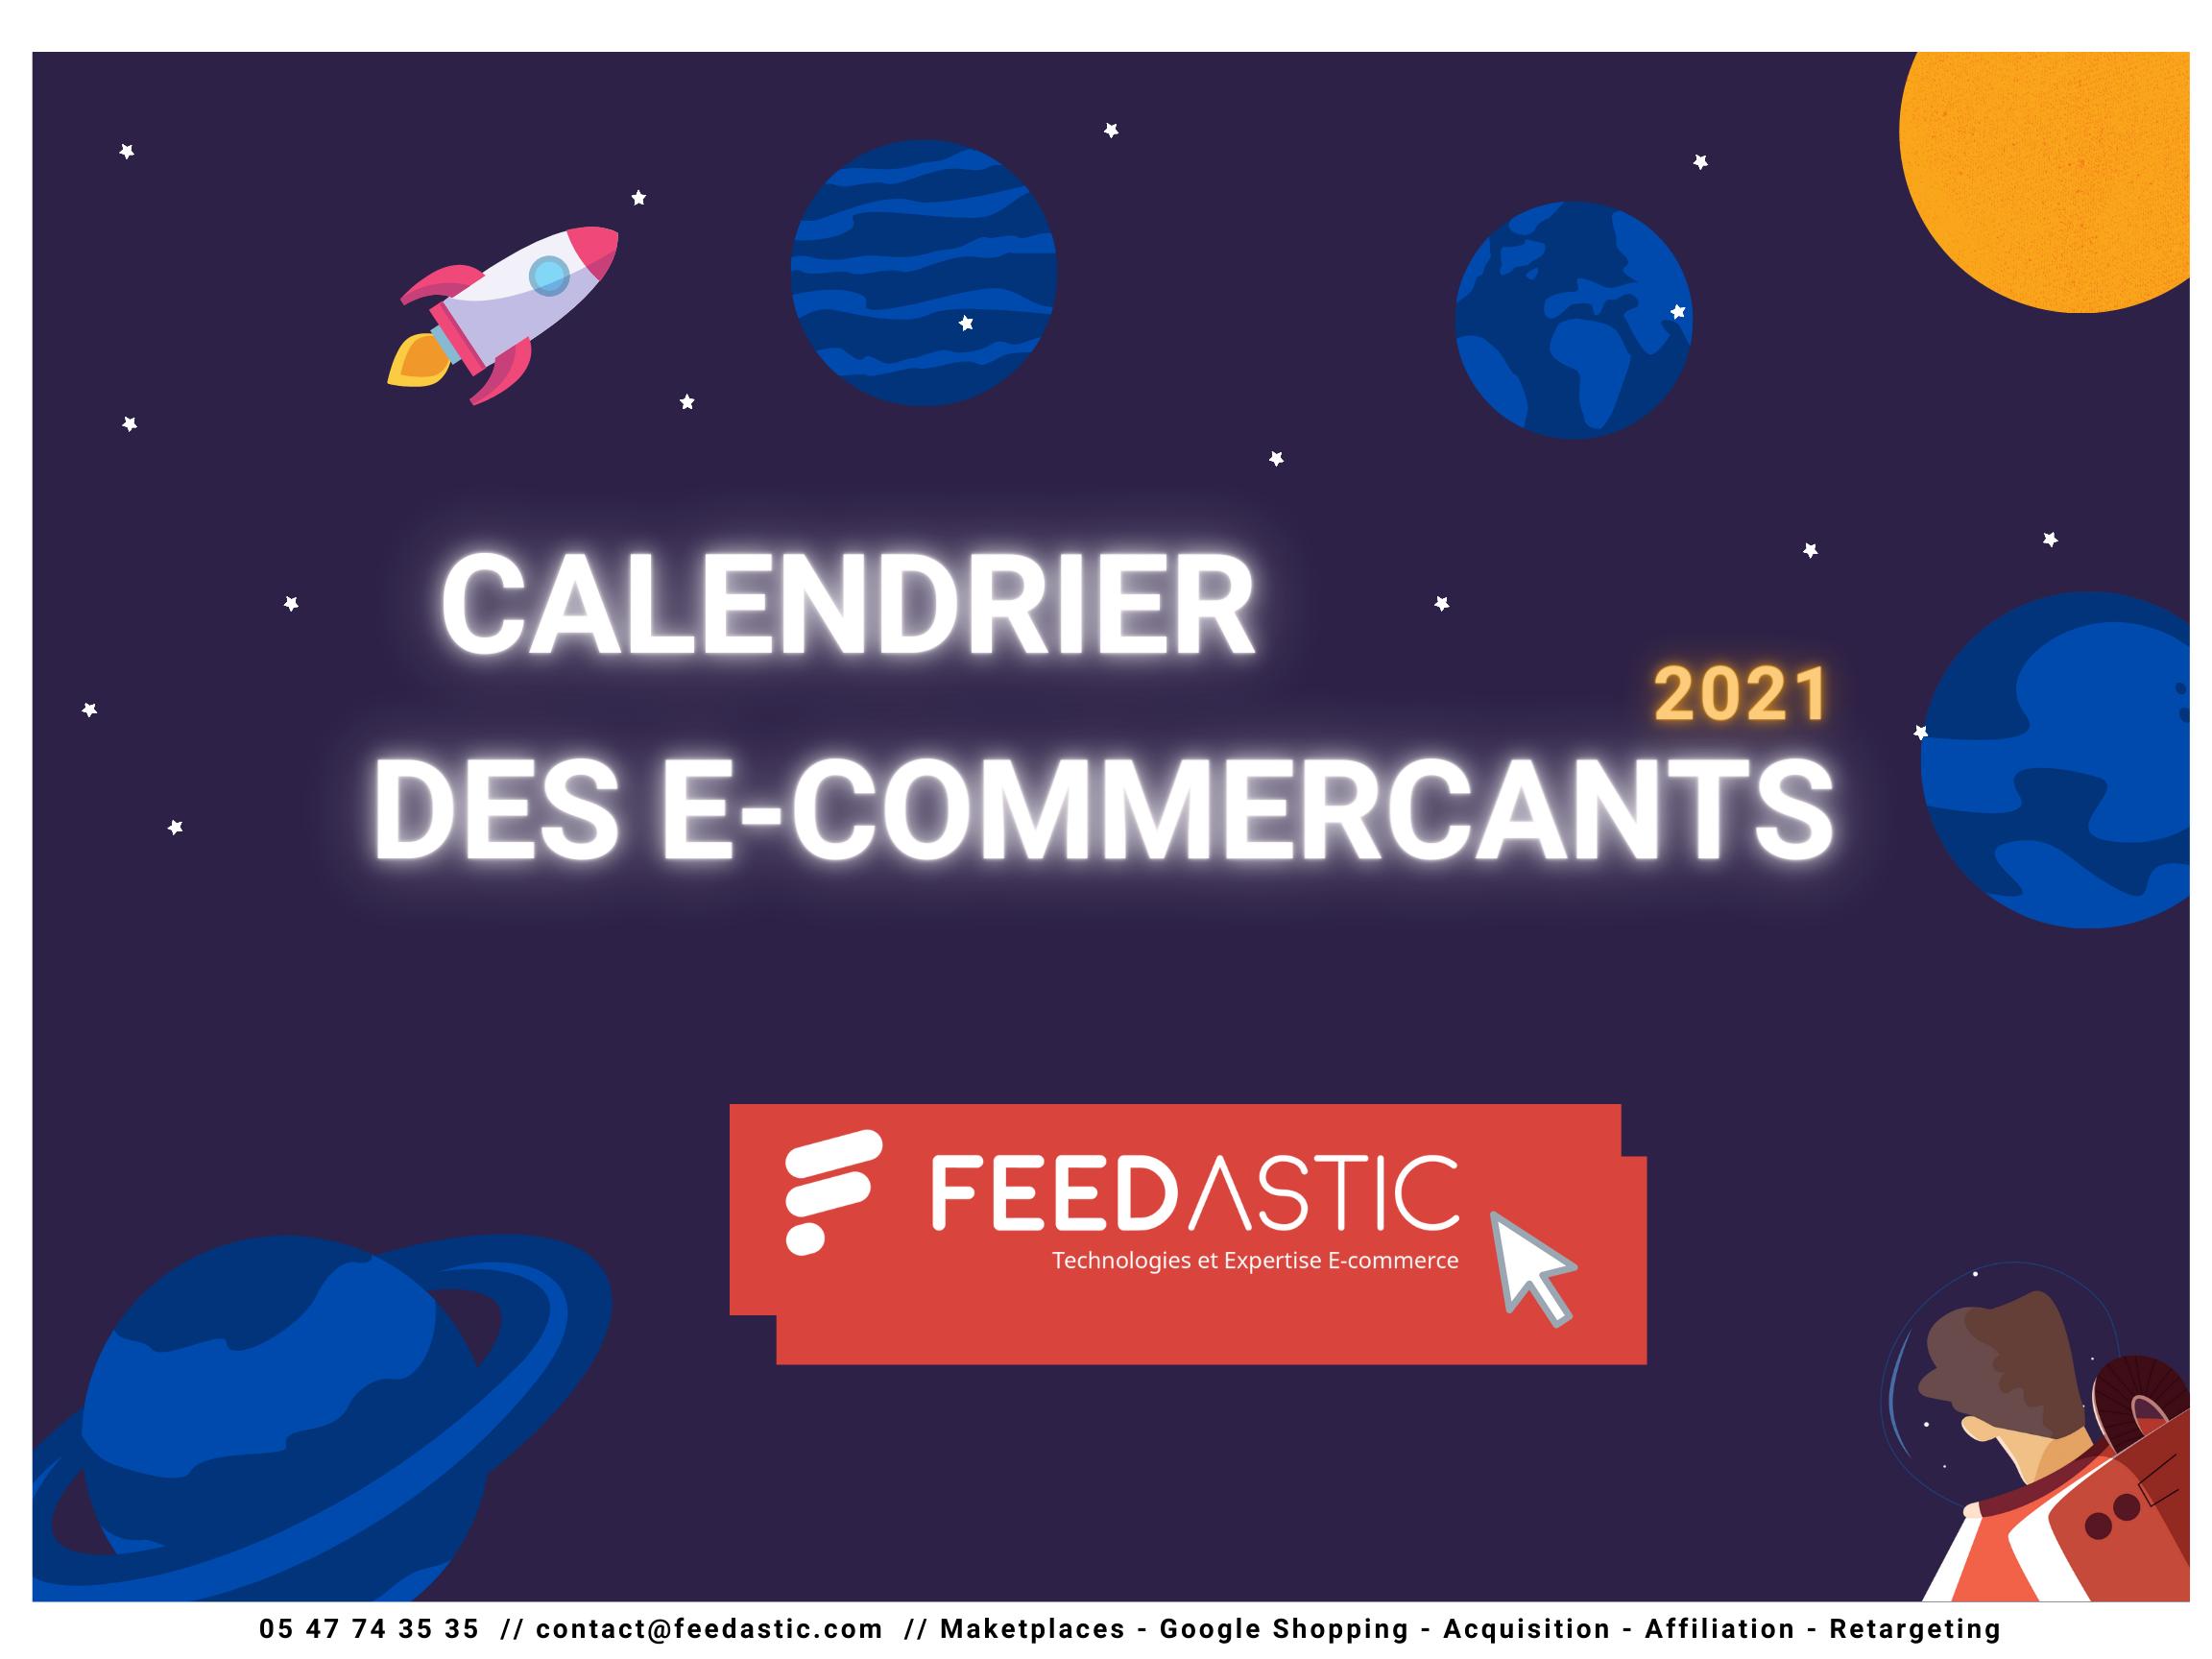 Le calendrier des e-commerçants 2021